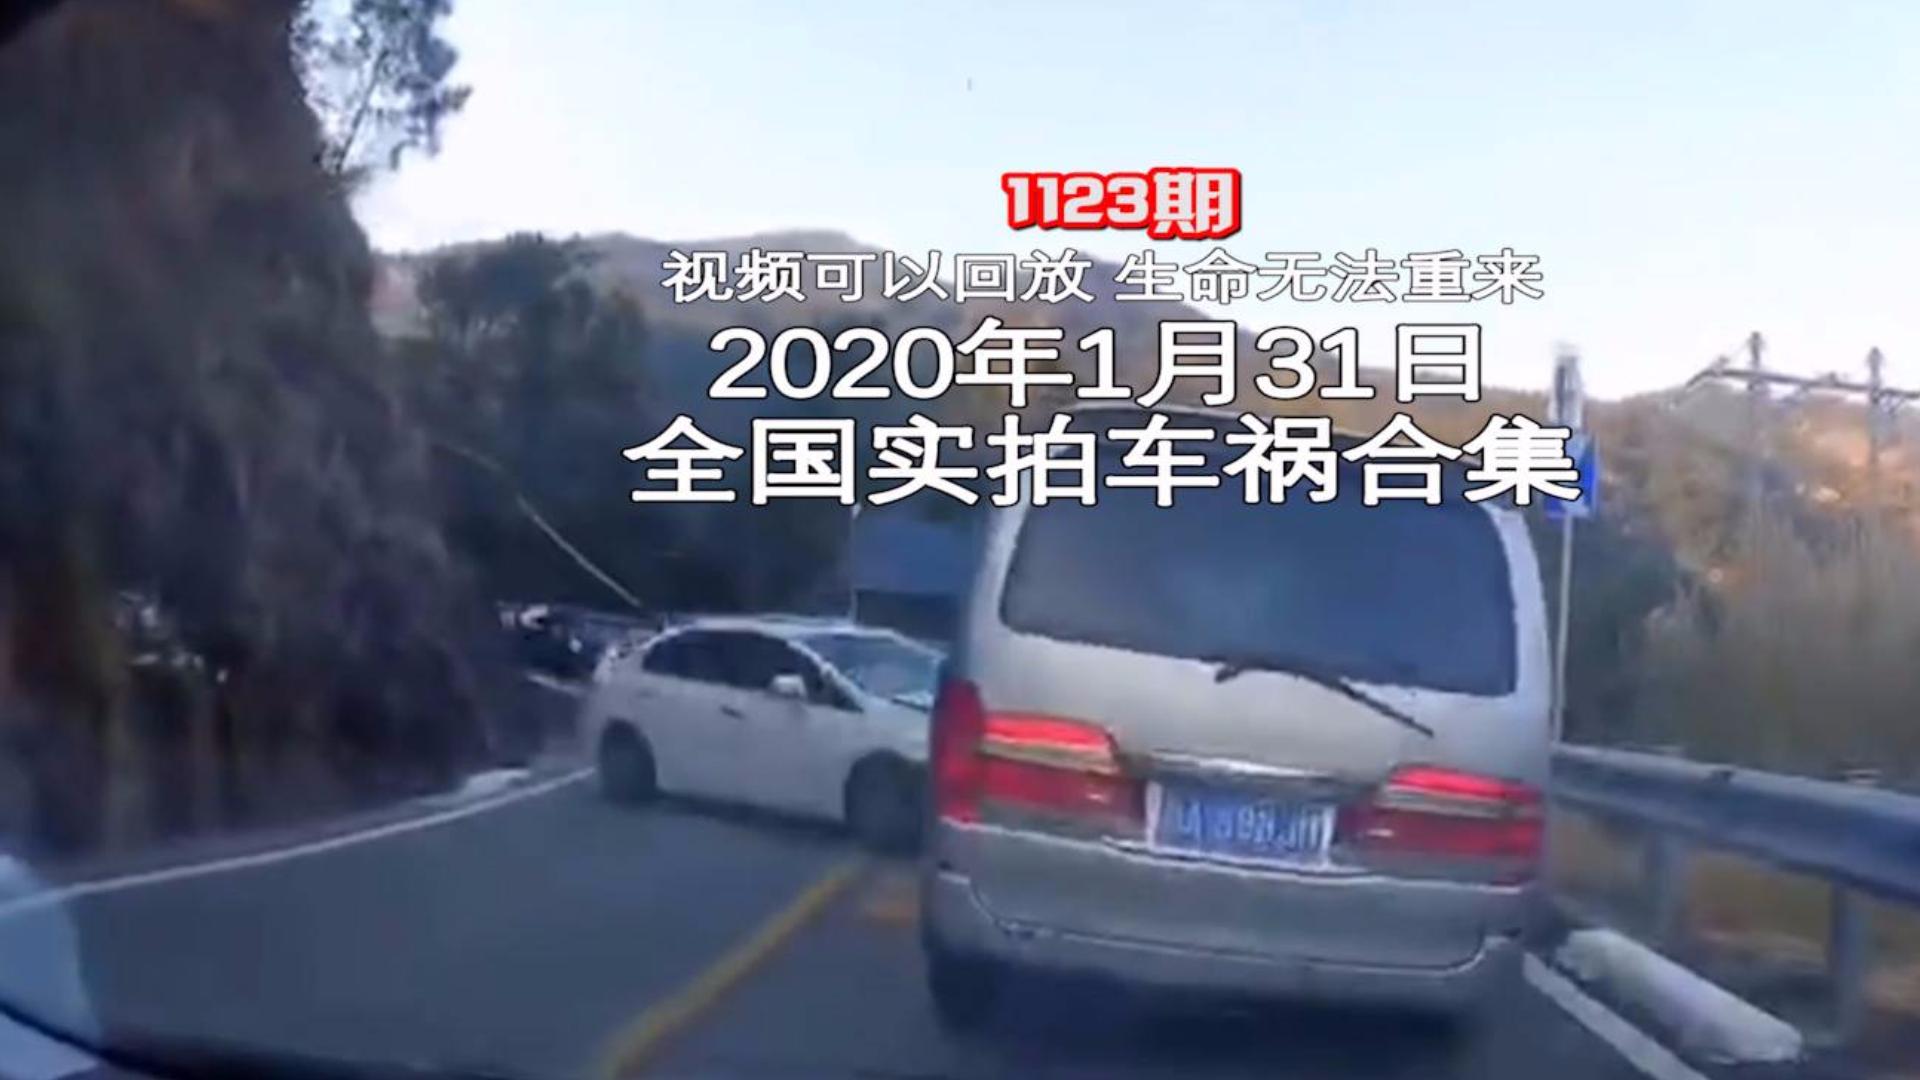 1123期:一陌生男子朝民警扔下一包东西转身就跑【20200131全国车祸合集】